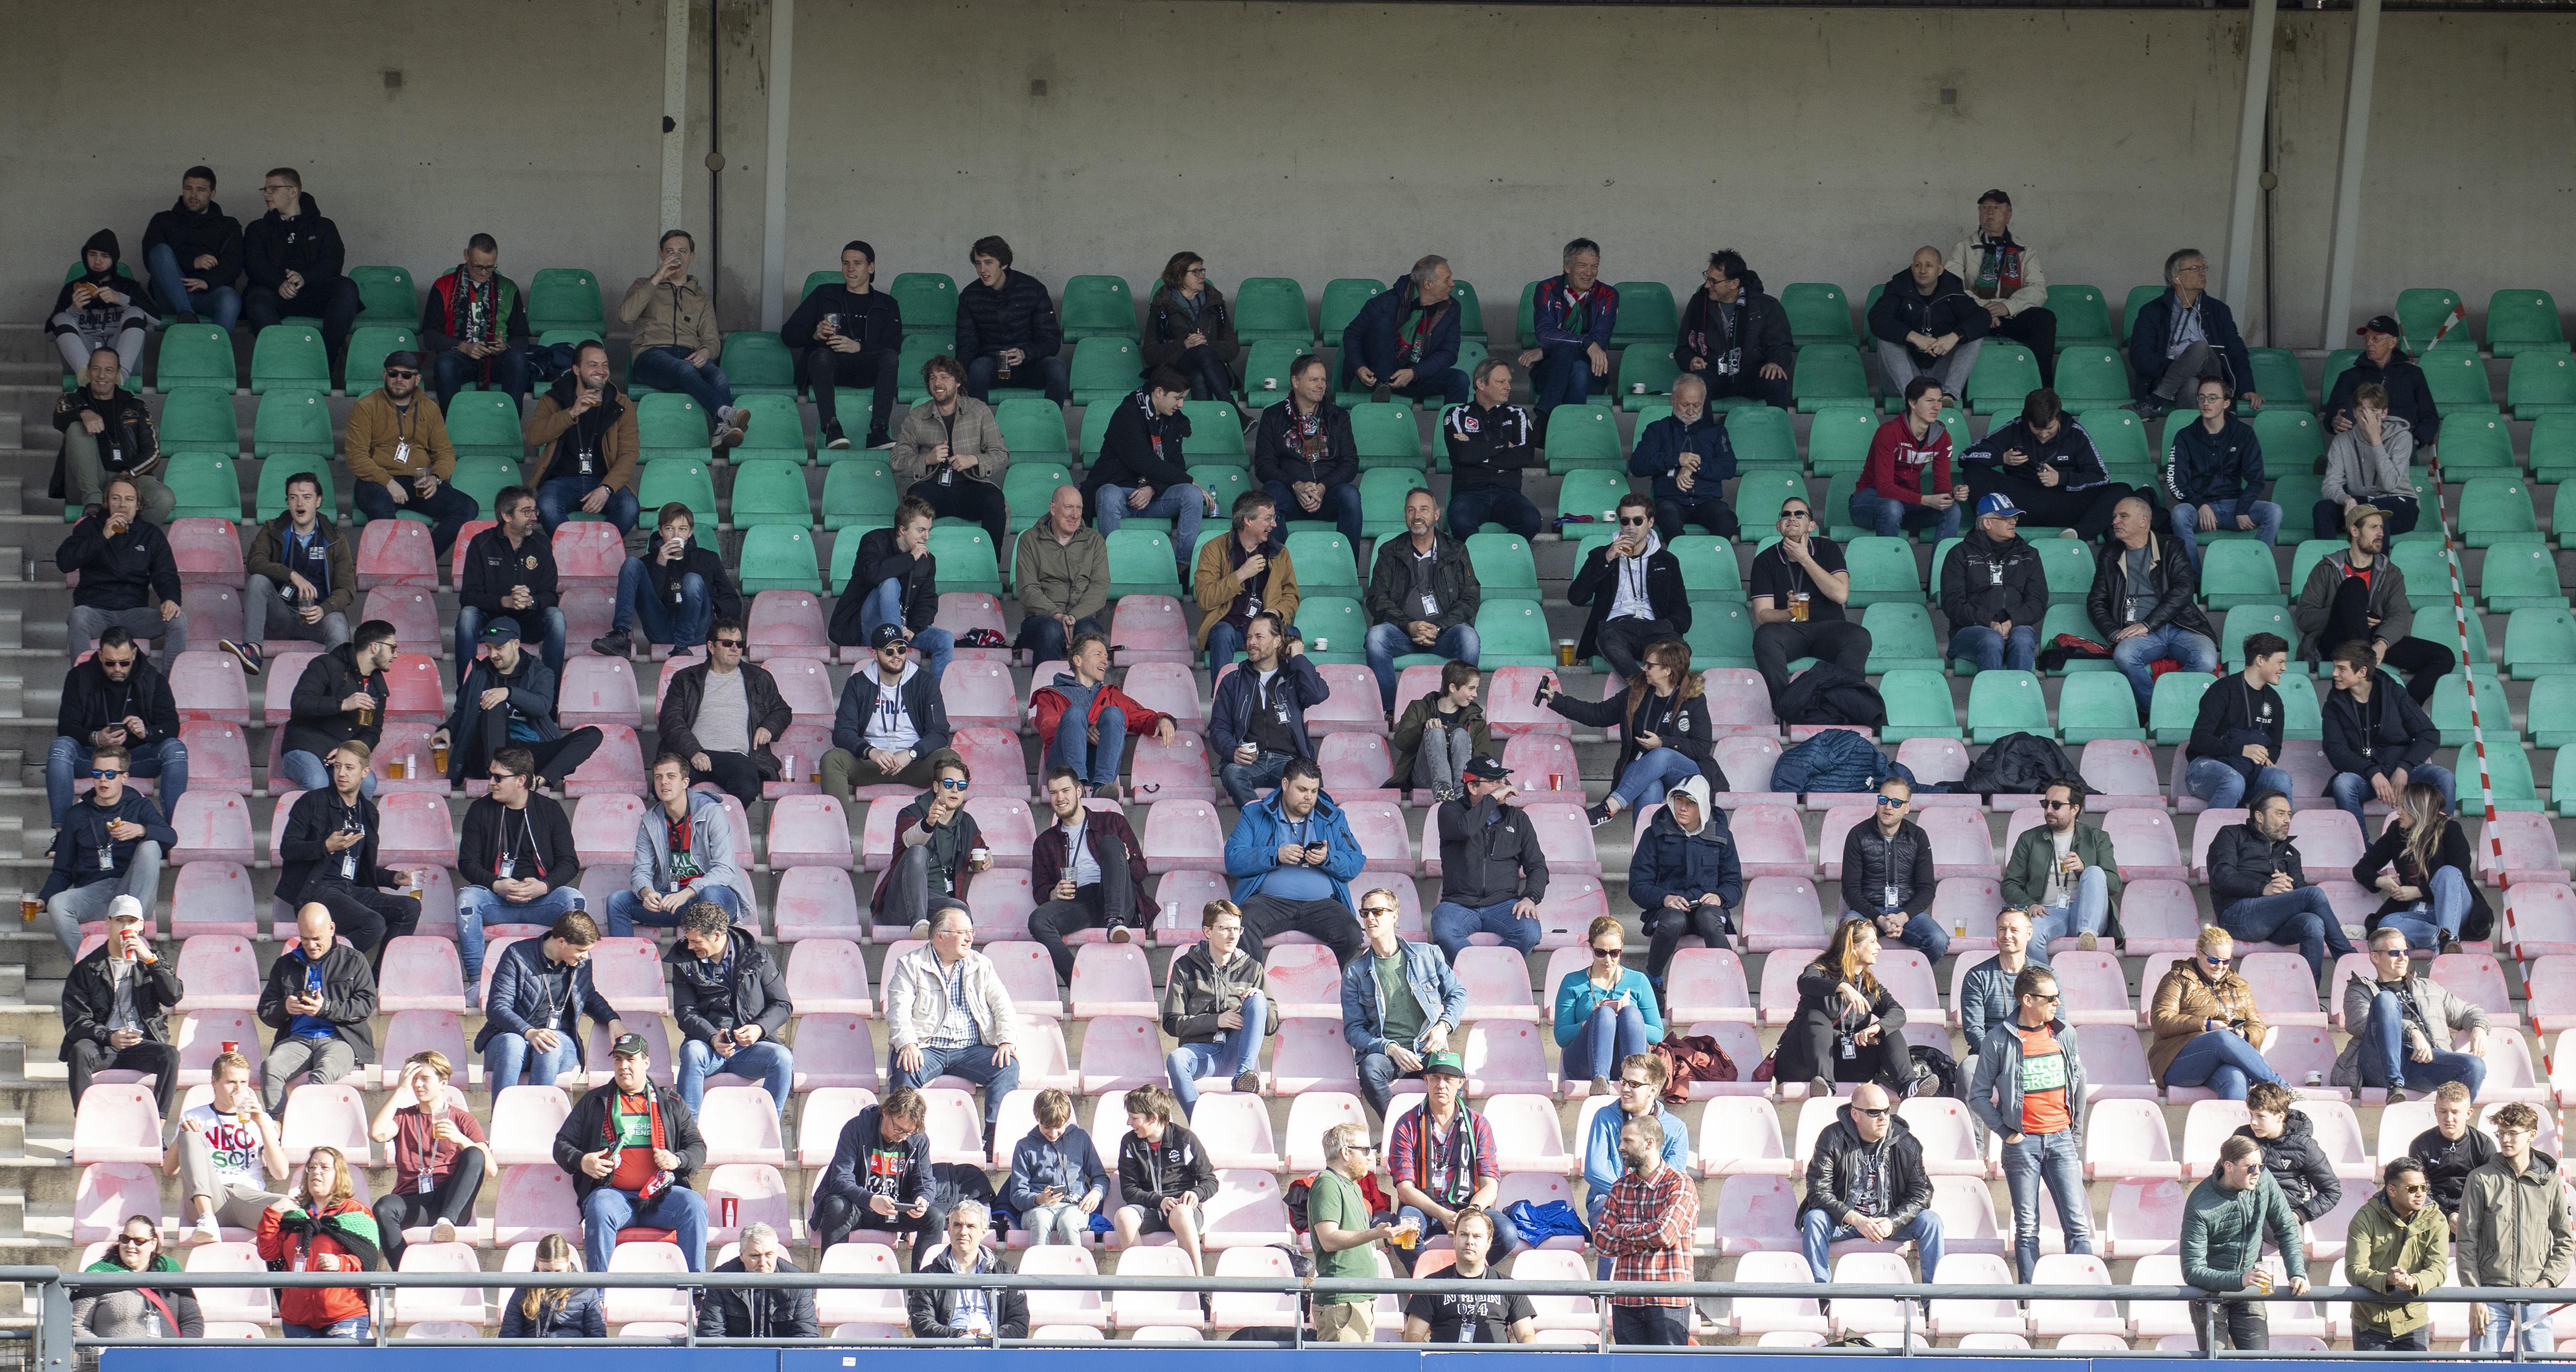 Het hart van de Wognumse televisiecommentator Sjors Blaauw maakte een sprongetje: dit zag hij gebeuren tijdens de testvoetbalwedstrijd met publiek [video]